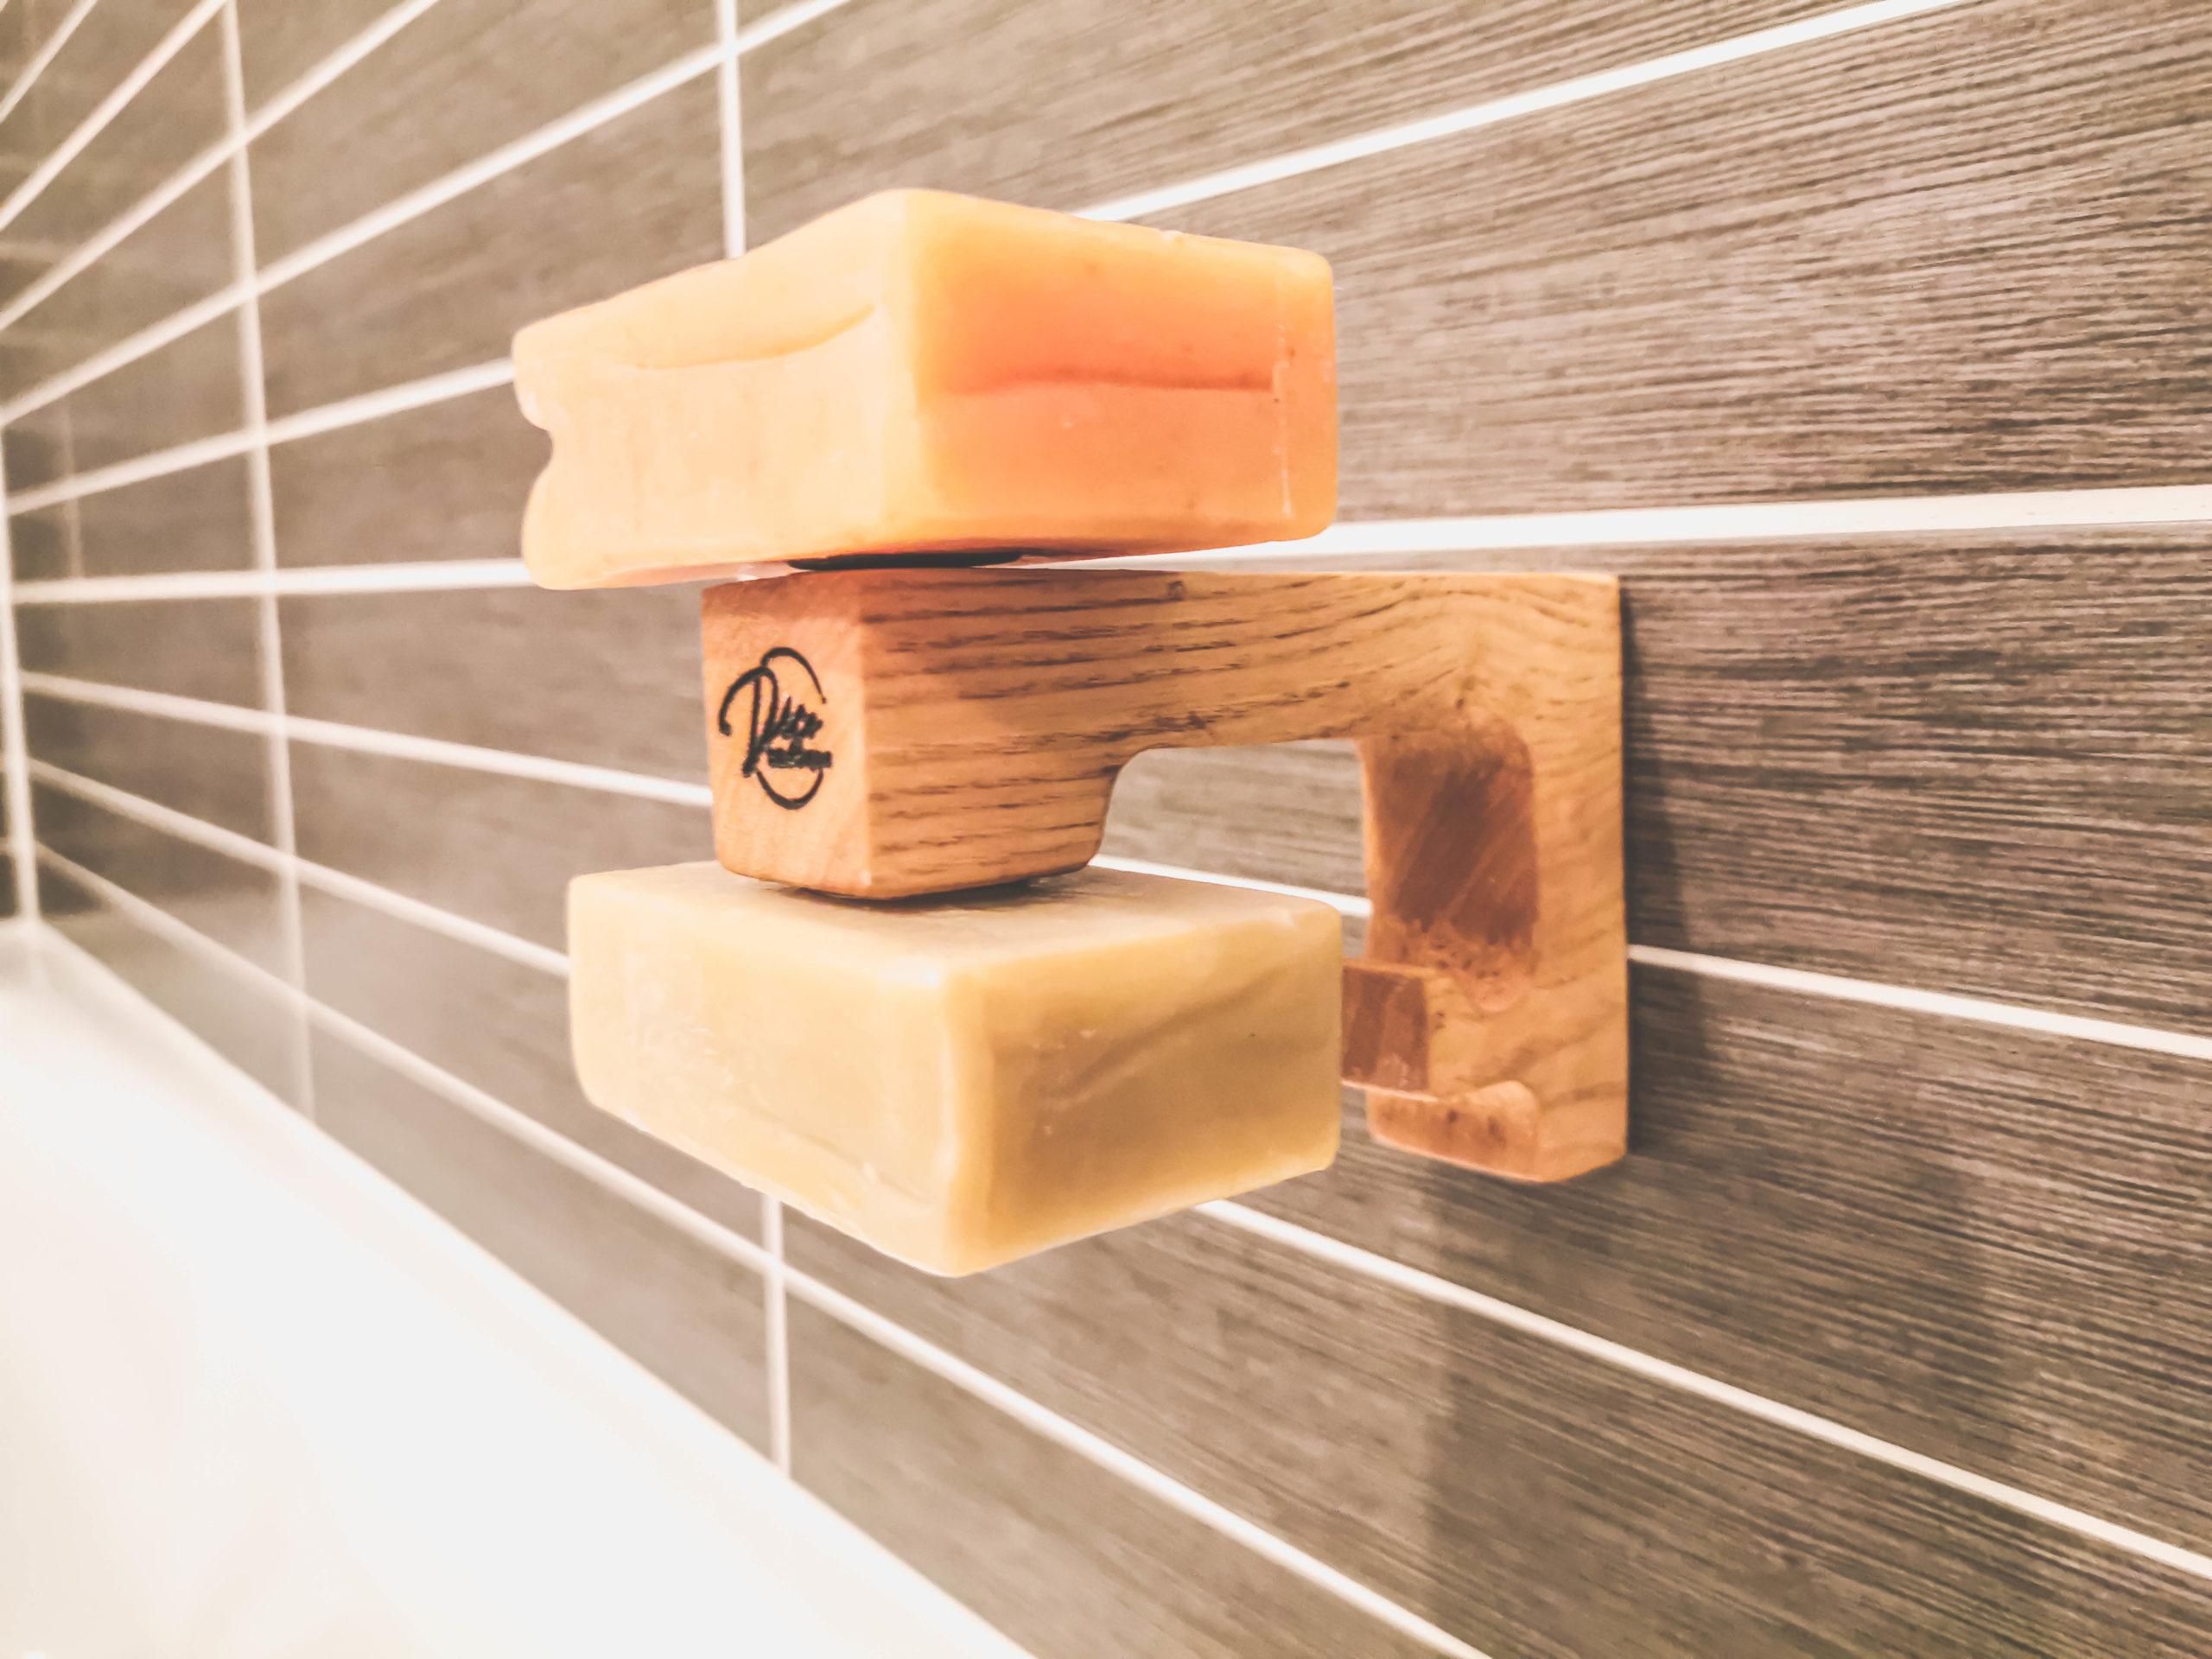 Simon Guyomarch vient de lancer Déco'smétique, une marque d'accessoires innovants pour cosmétiques solides.